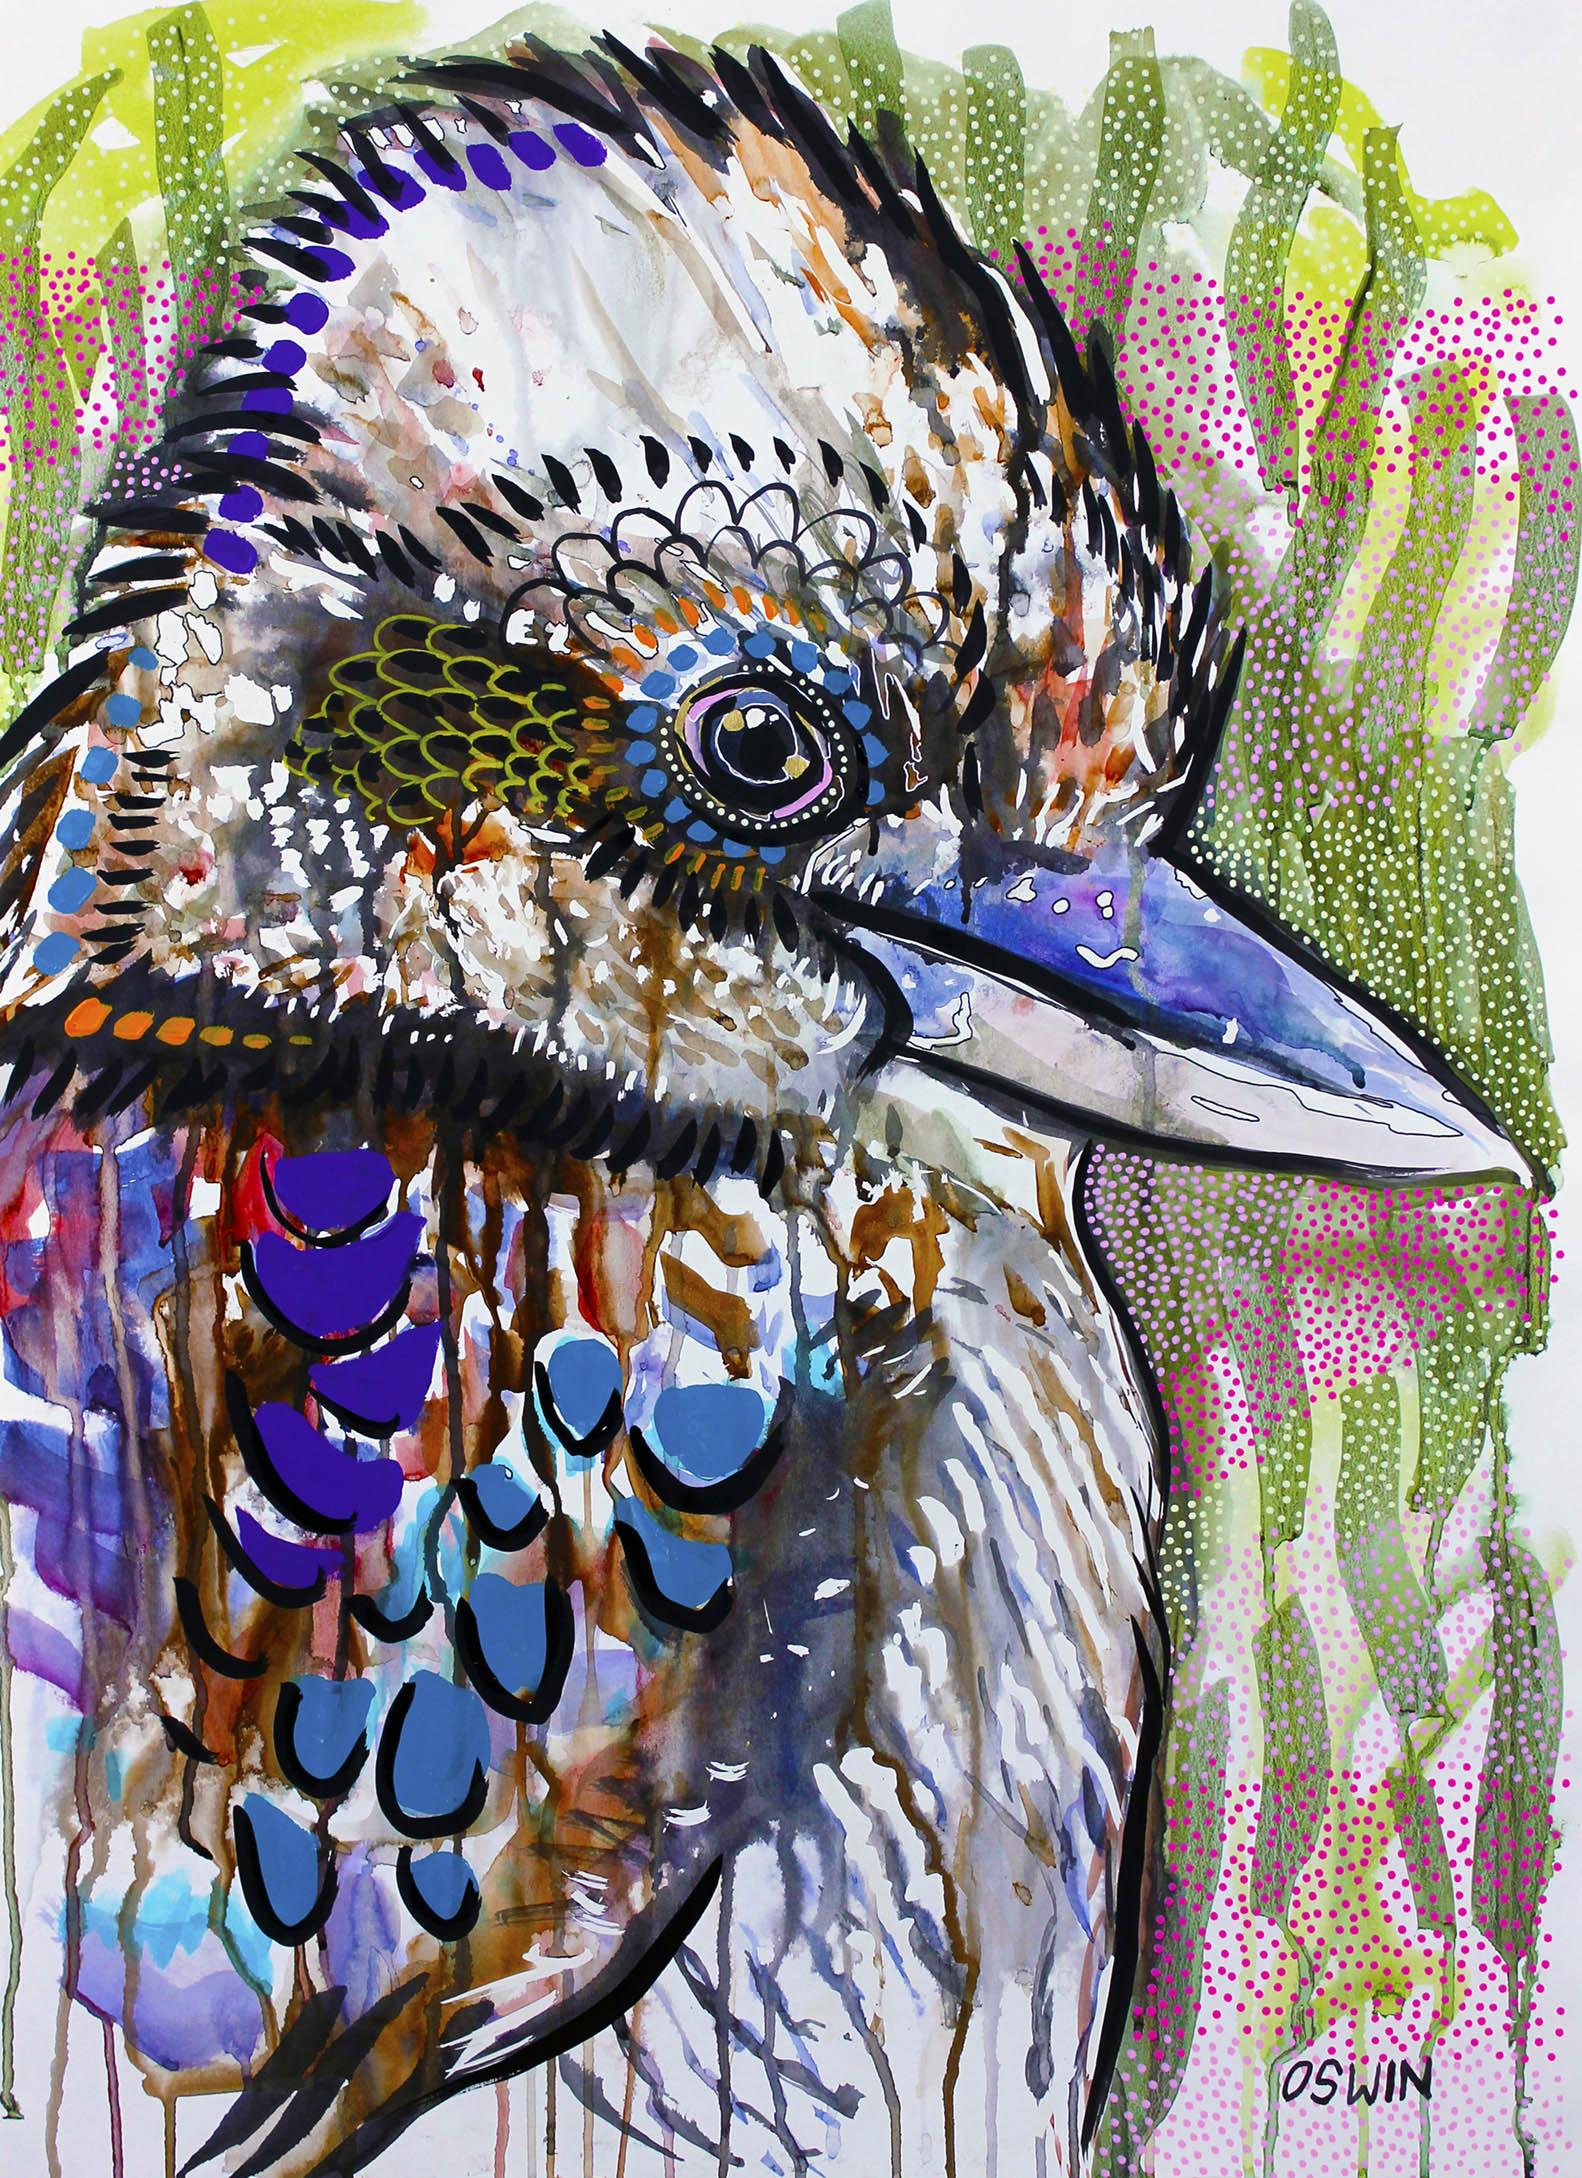 Decorative Kookaburra